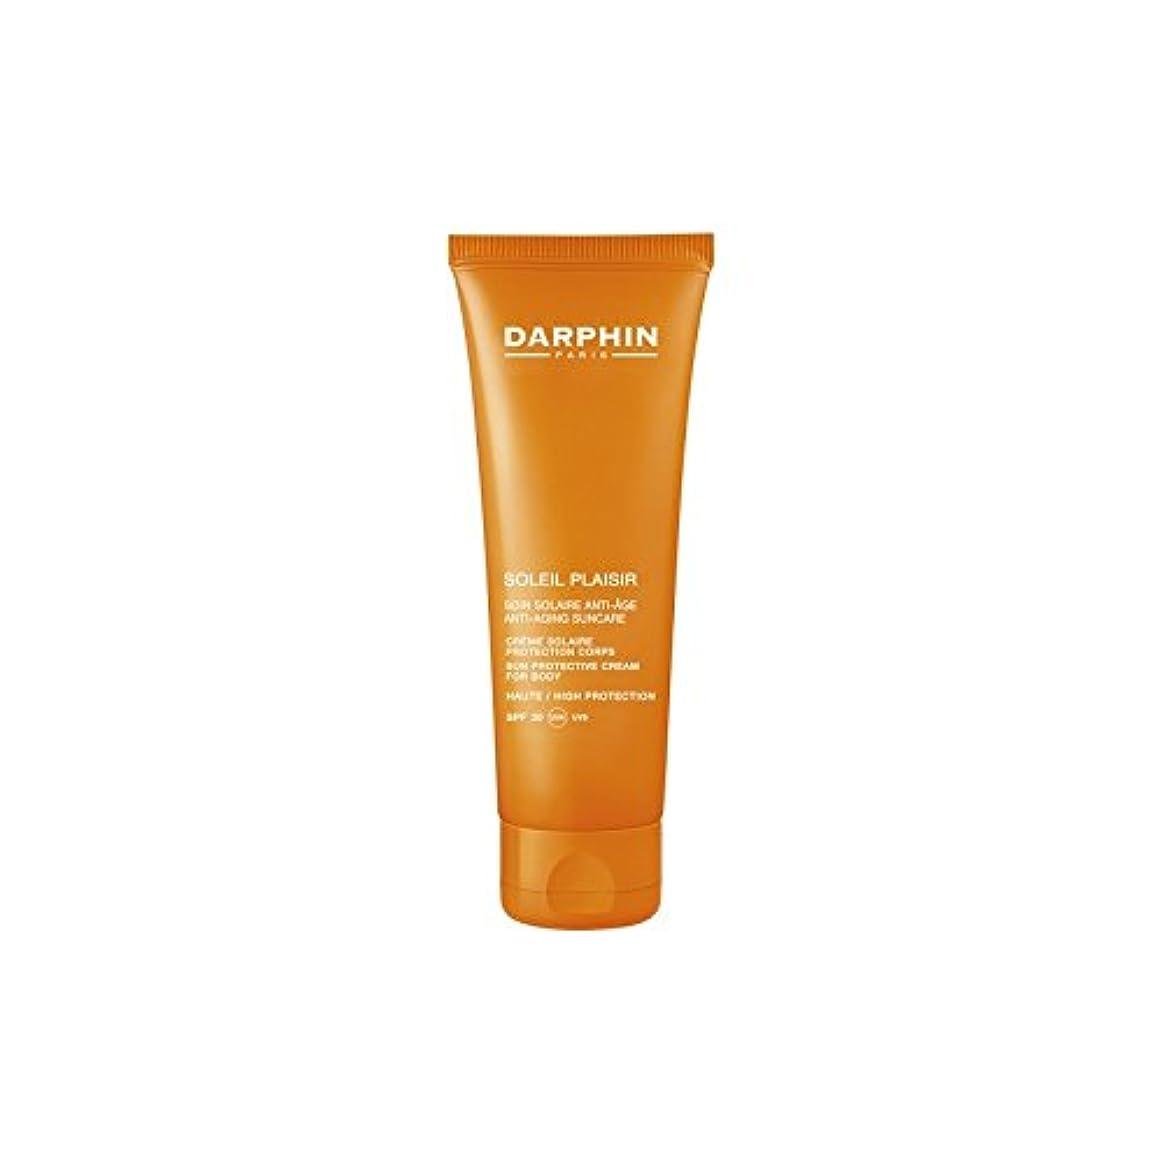 しがみつく聡明してはいけませんDarphin Soleil Plaisir Body Cream (Pack of 6) - ダルファンソレイユプレジールボディクリーム x6 [並行輸入品]